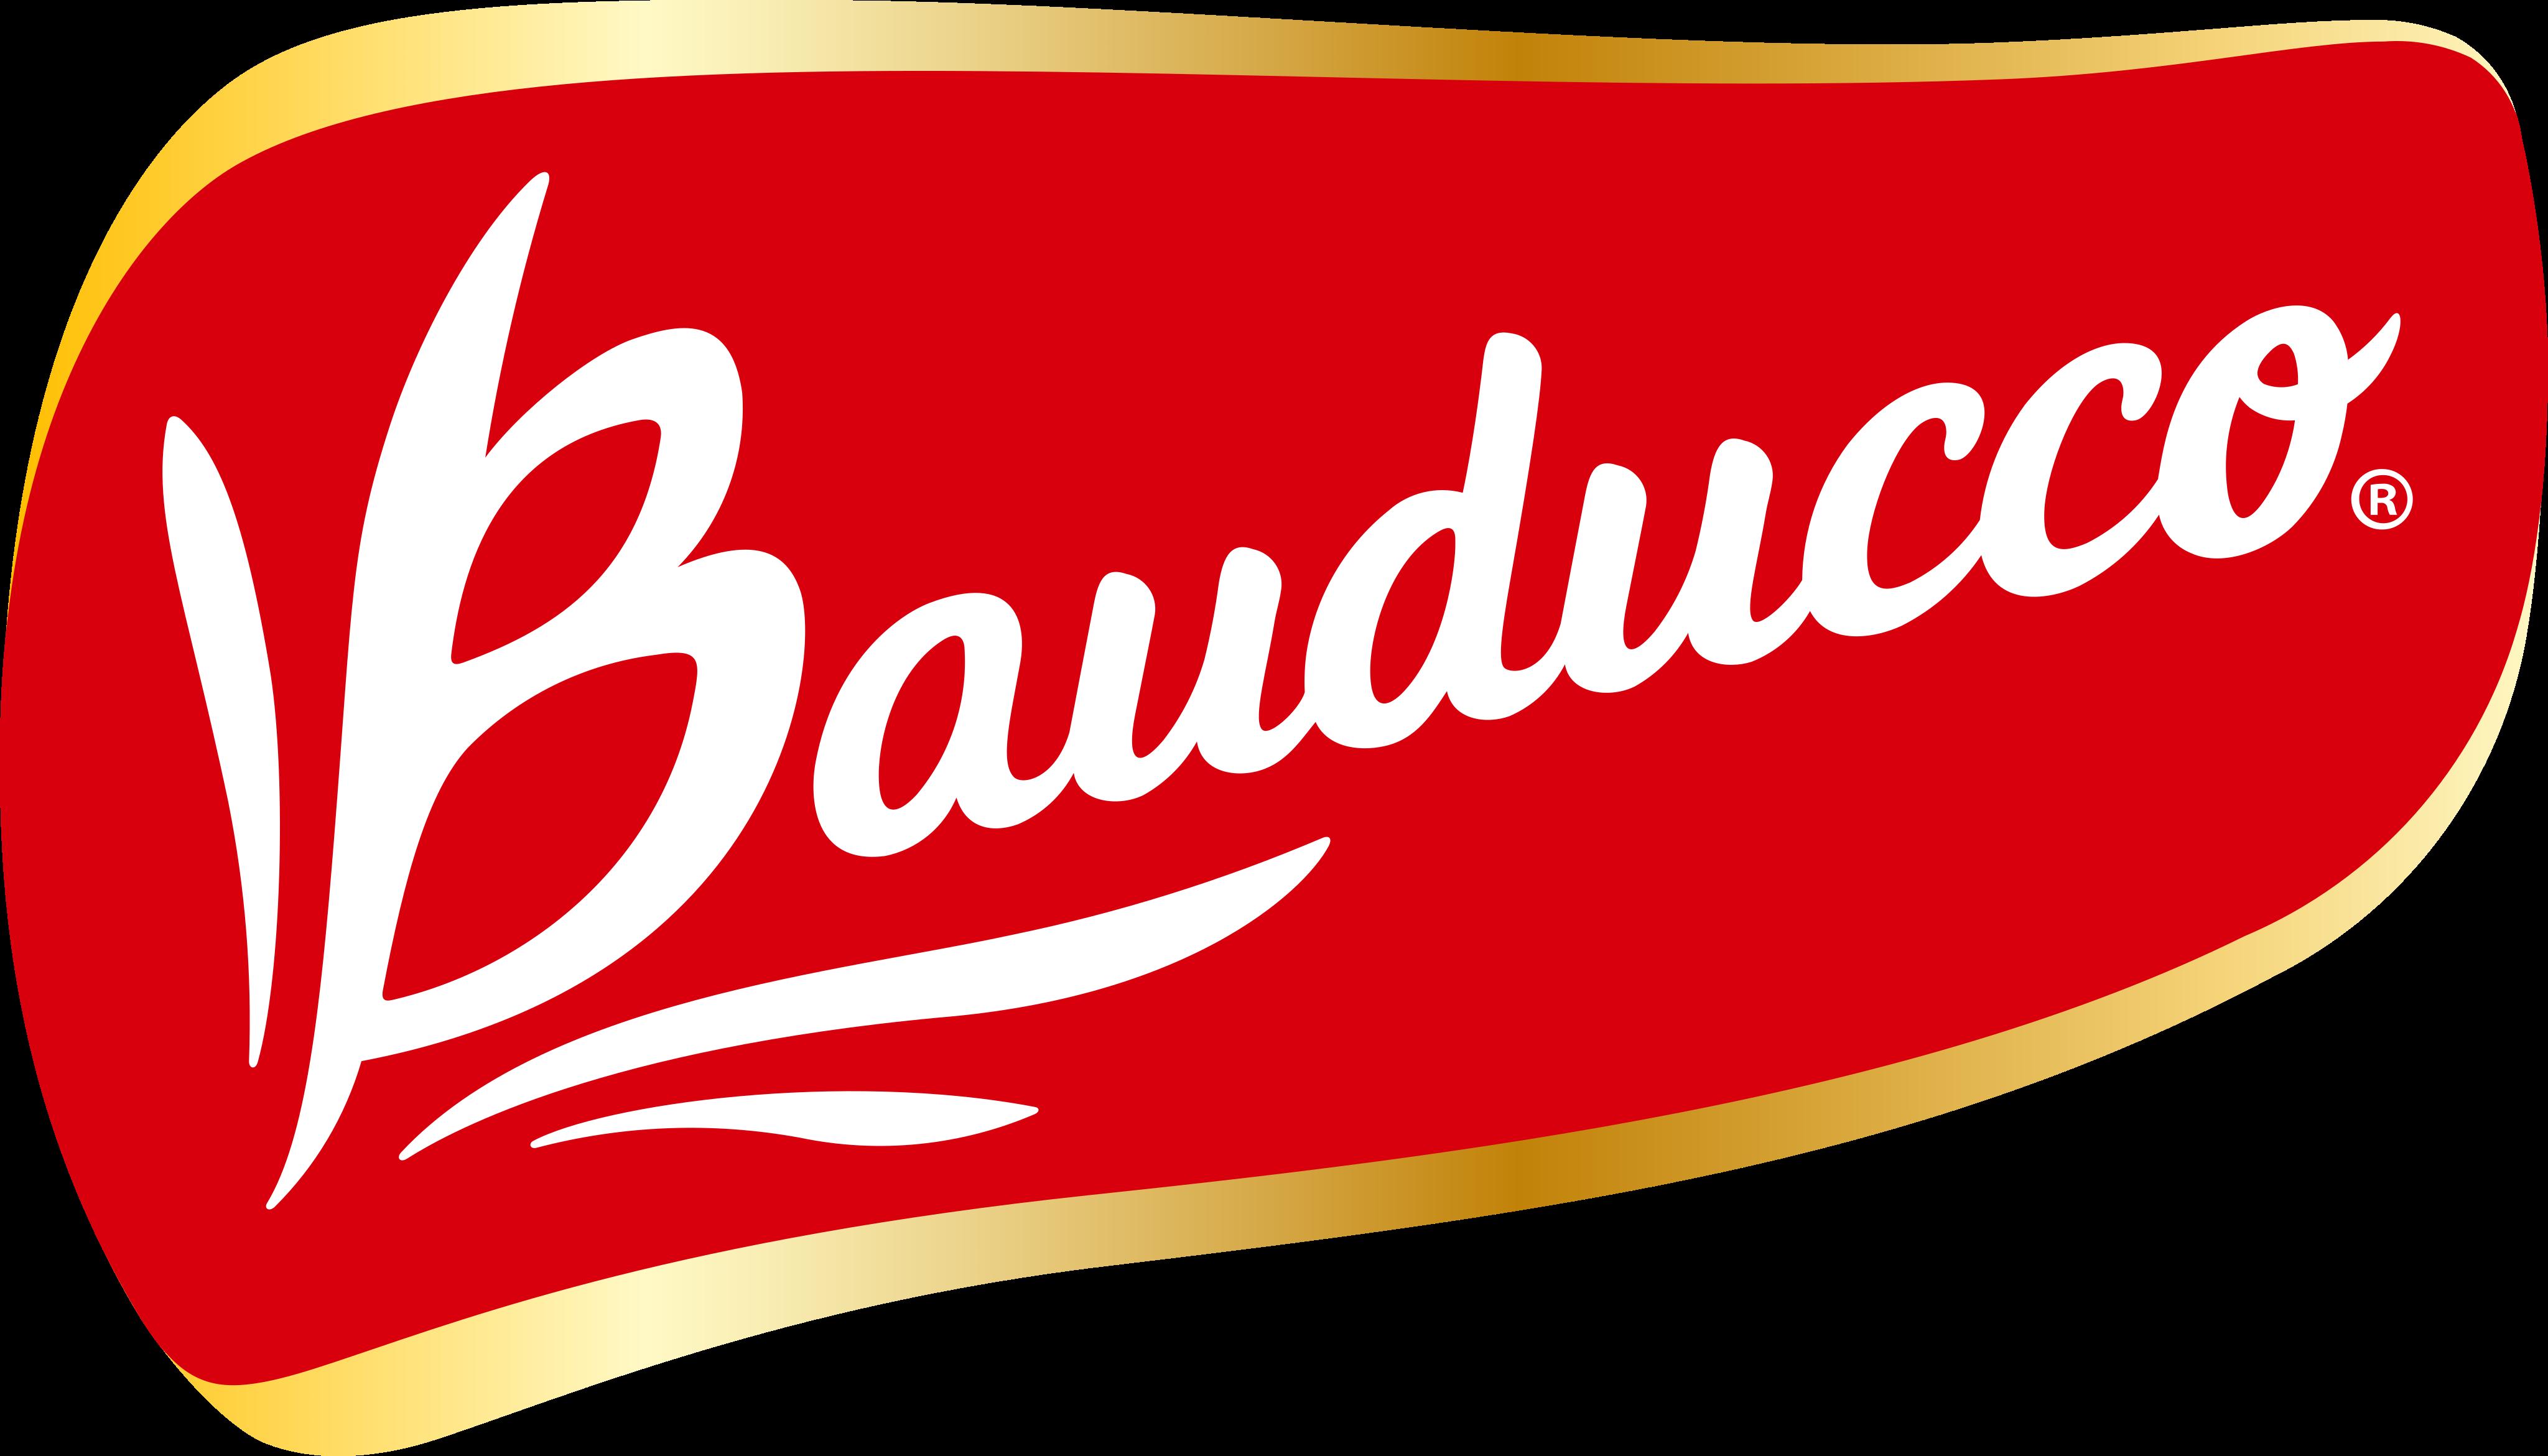 Bauducco Logo.